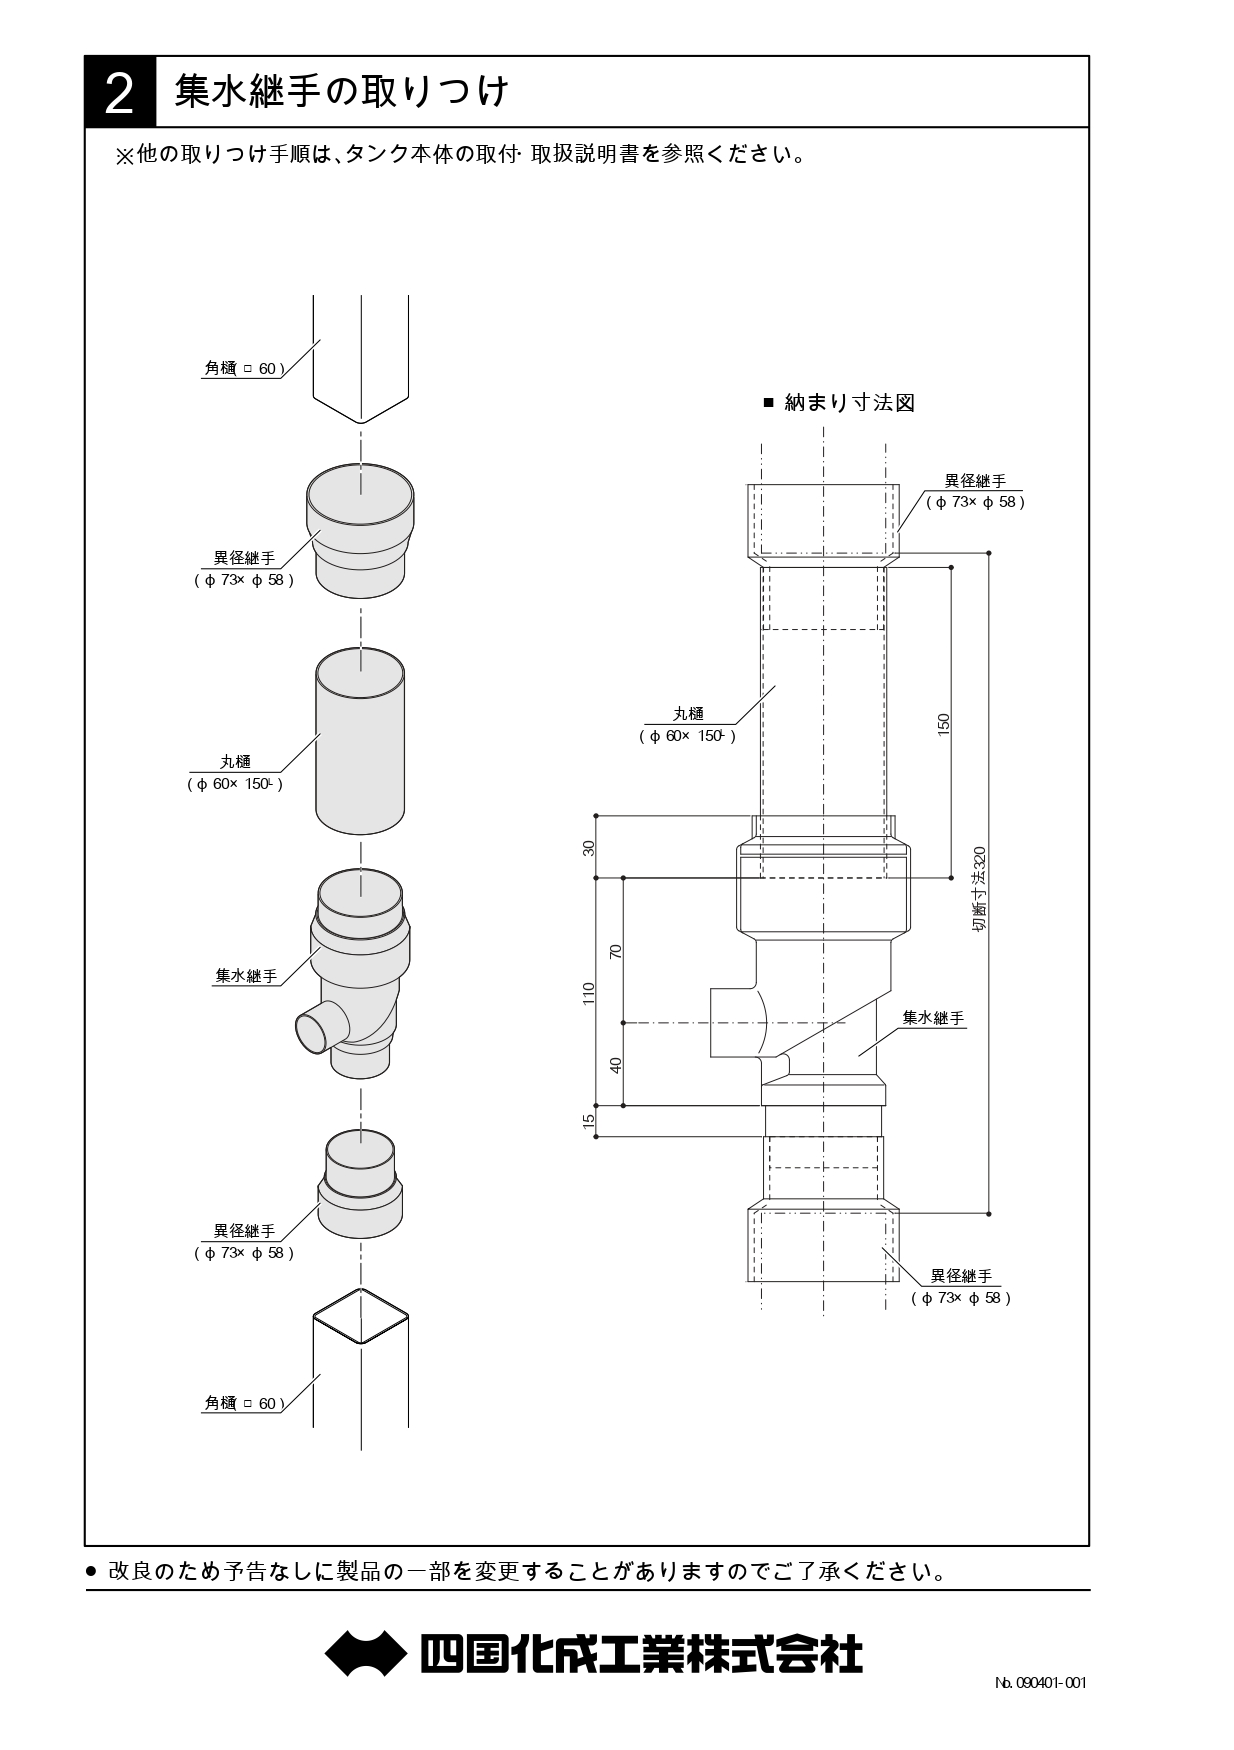 レインキーパーP2型 角樋セット 施工説明書_page-0002